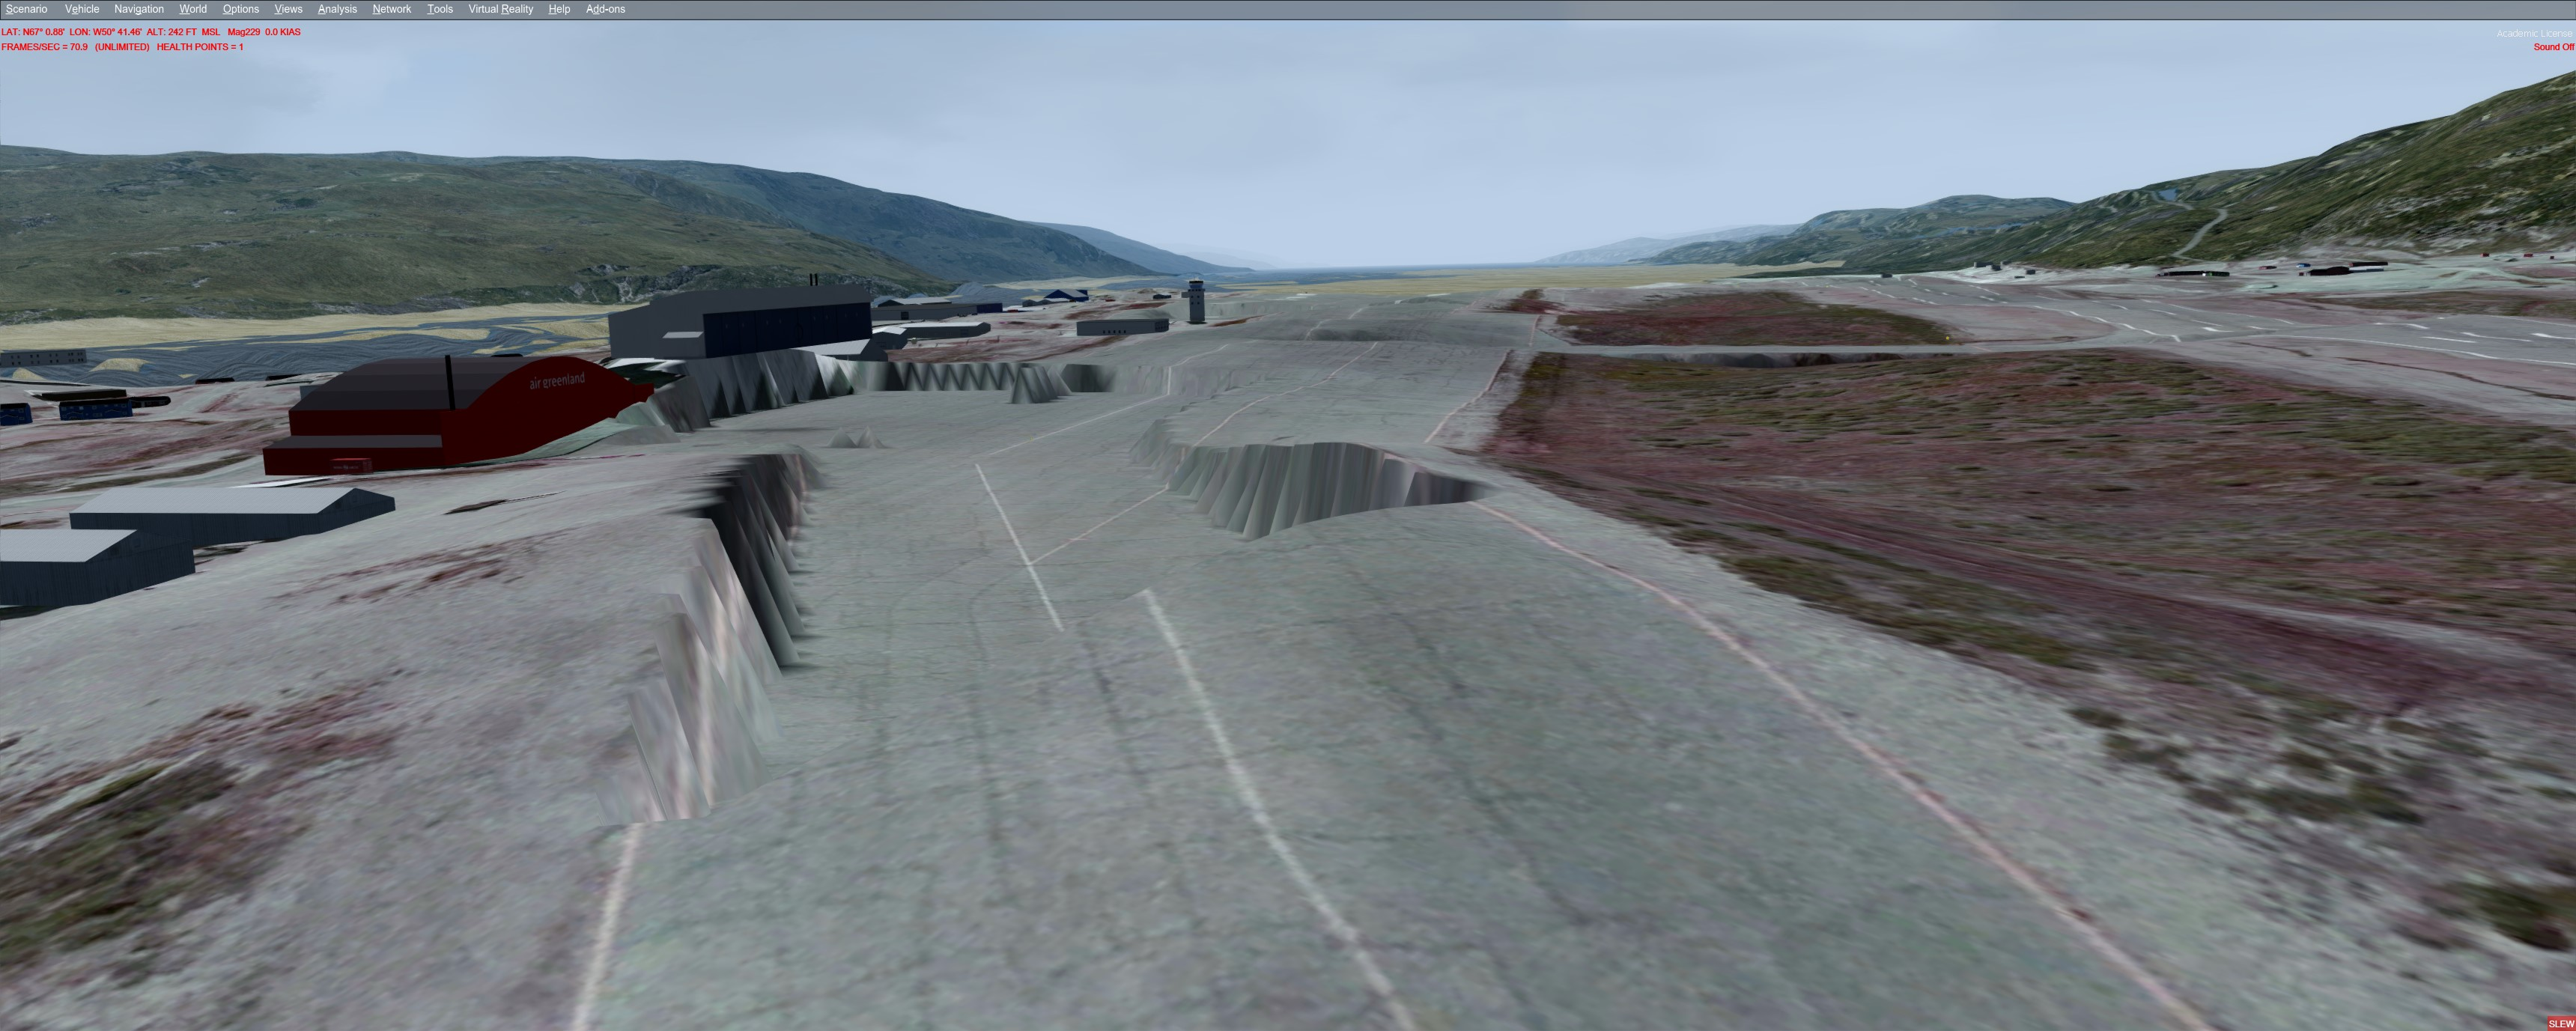 P3D v4 - FSX freeware scenery to prepar3dv4 | FSDeveloper